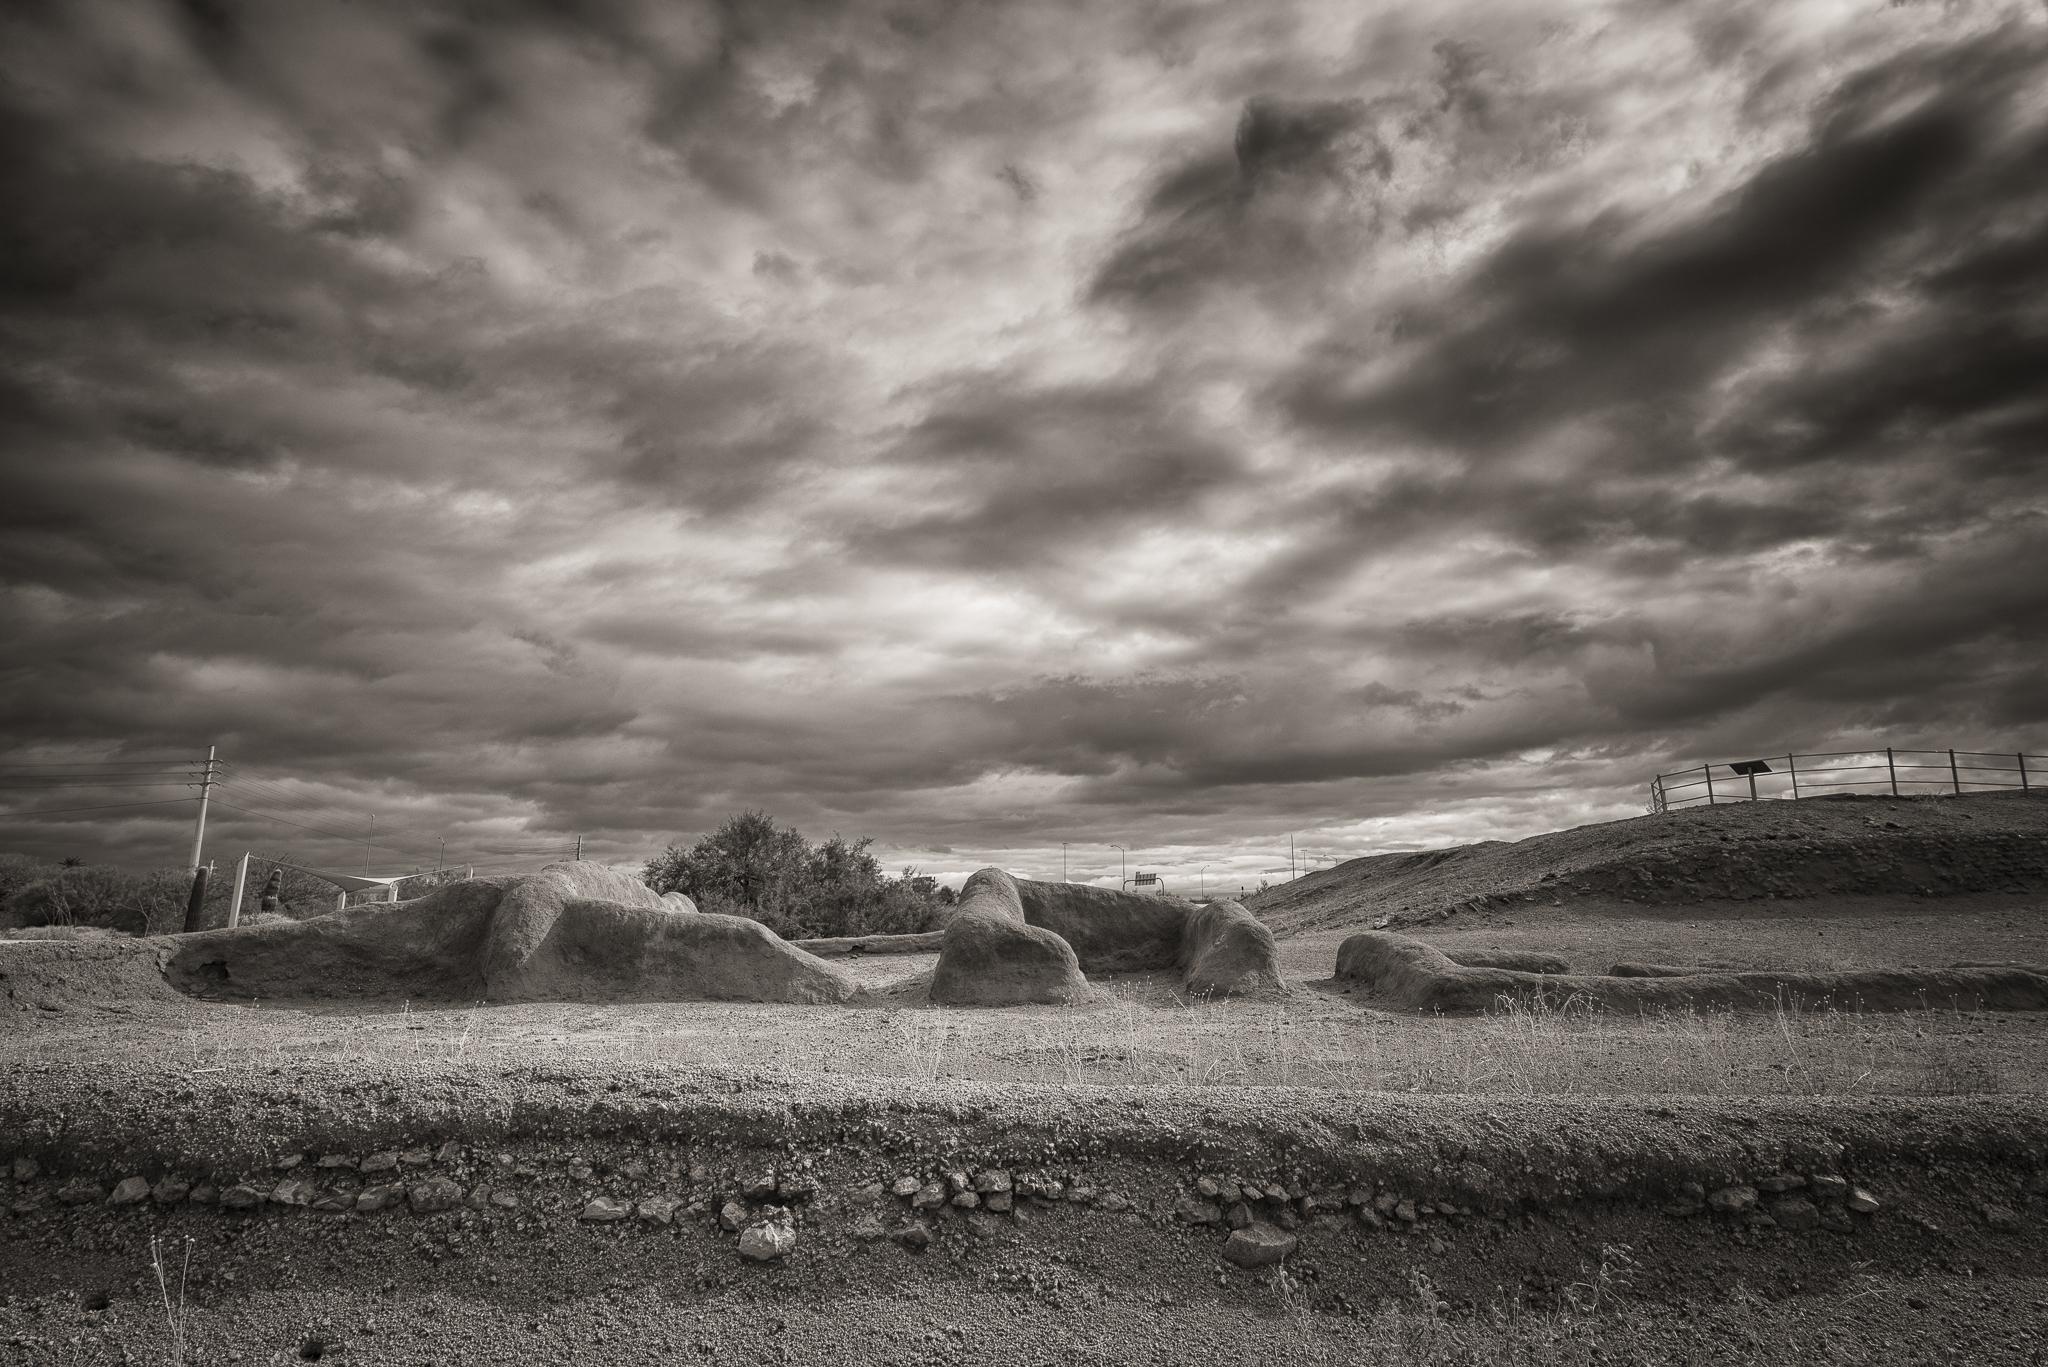 Pueblo Grande: Platform Mound Enclosure